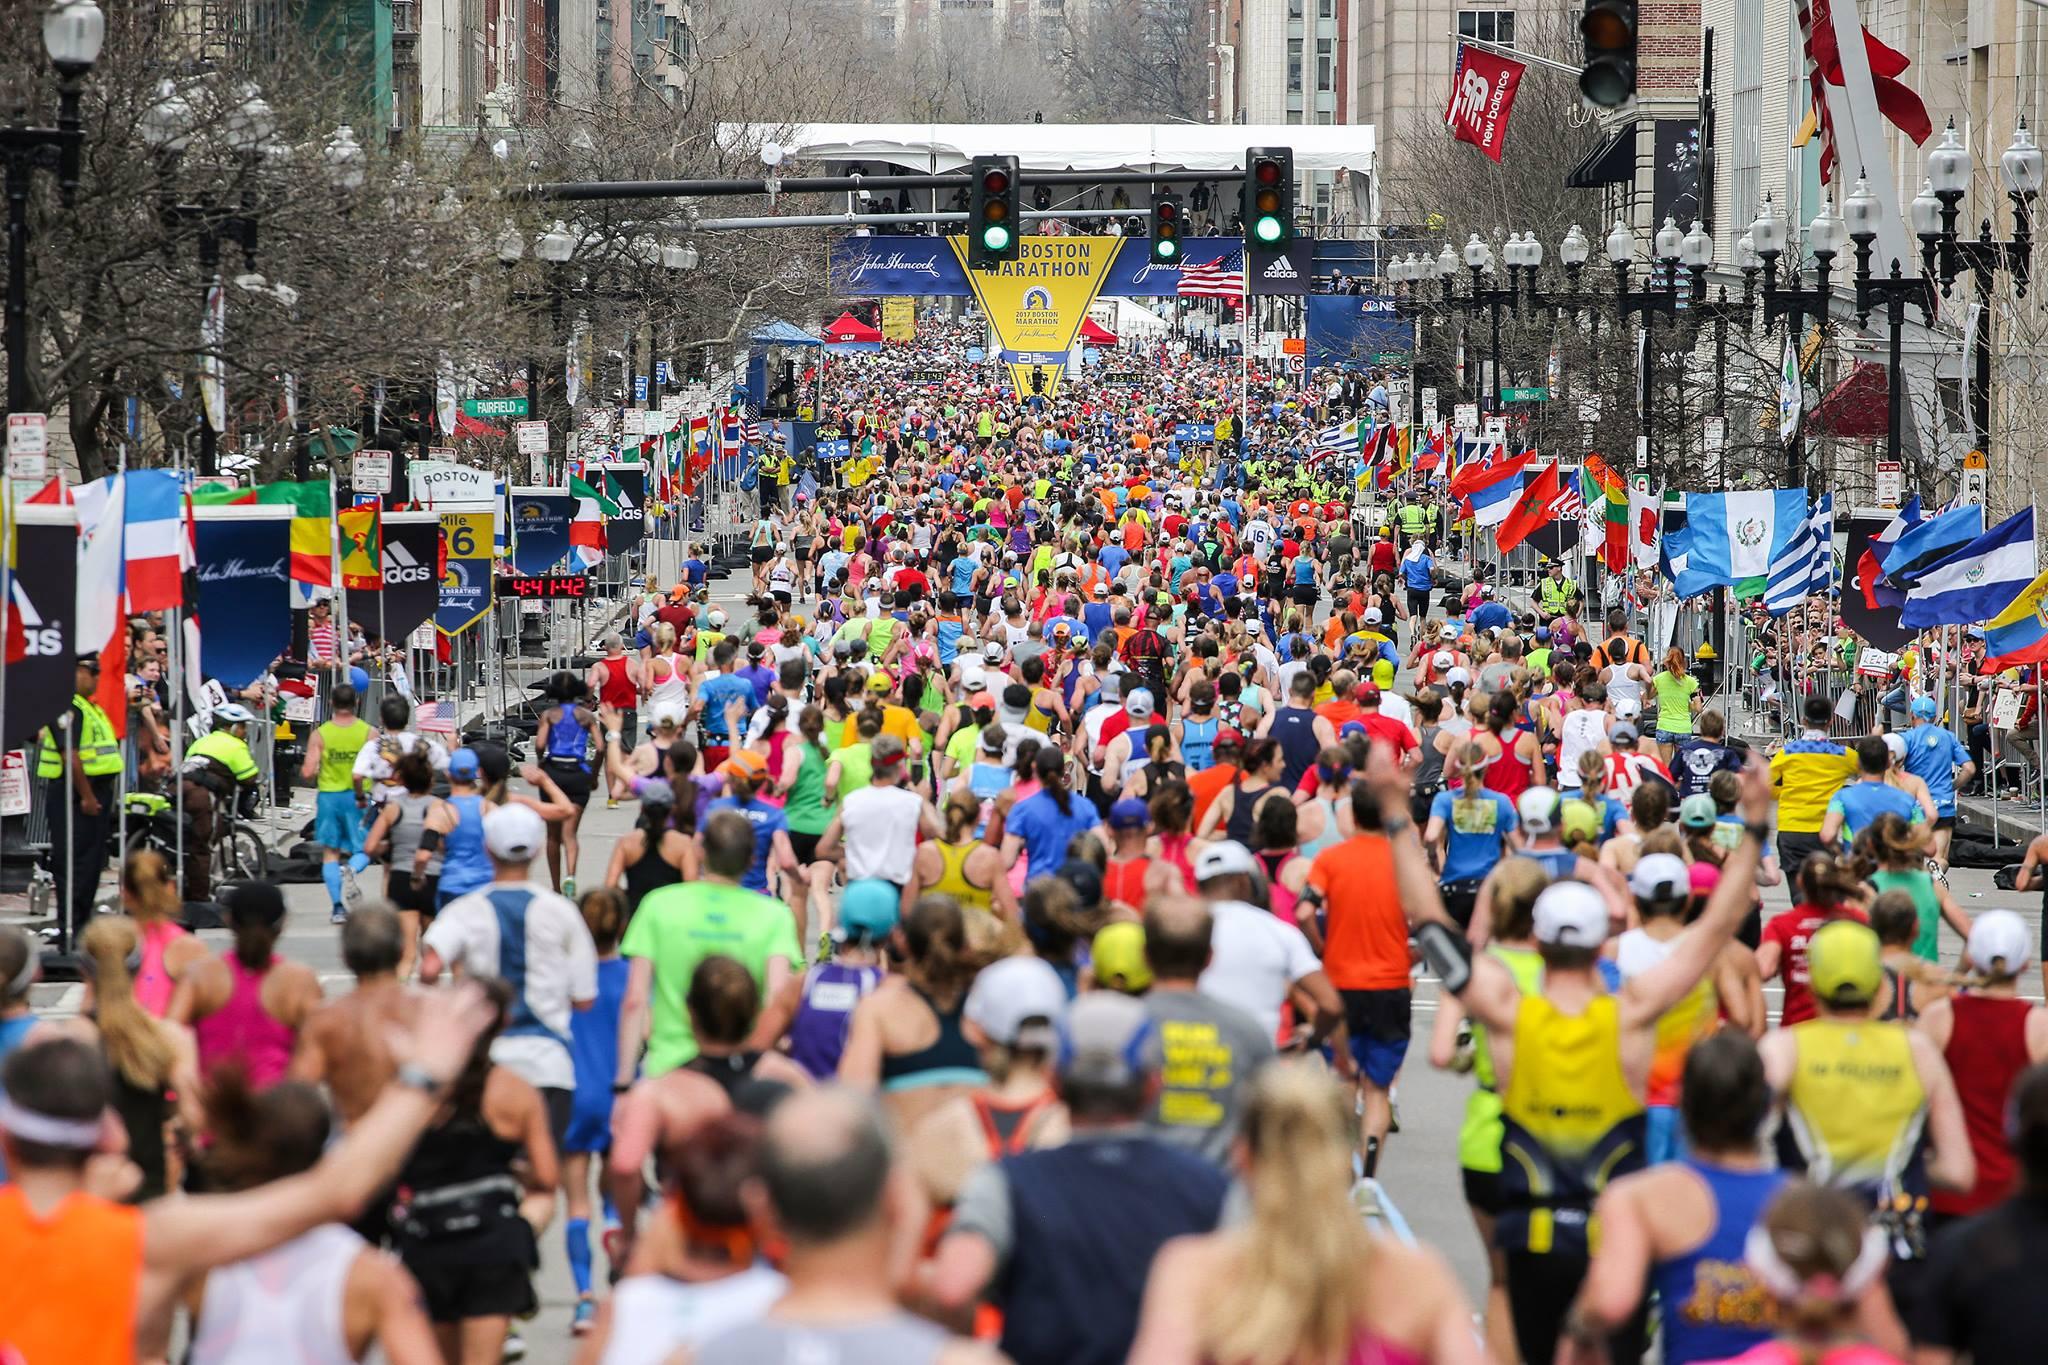 A Maratona de Boston é a mais antiga dentre as Majors e é o sonho de qualquer maratonista (Foto: Reprodução Facebook)